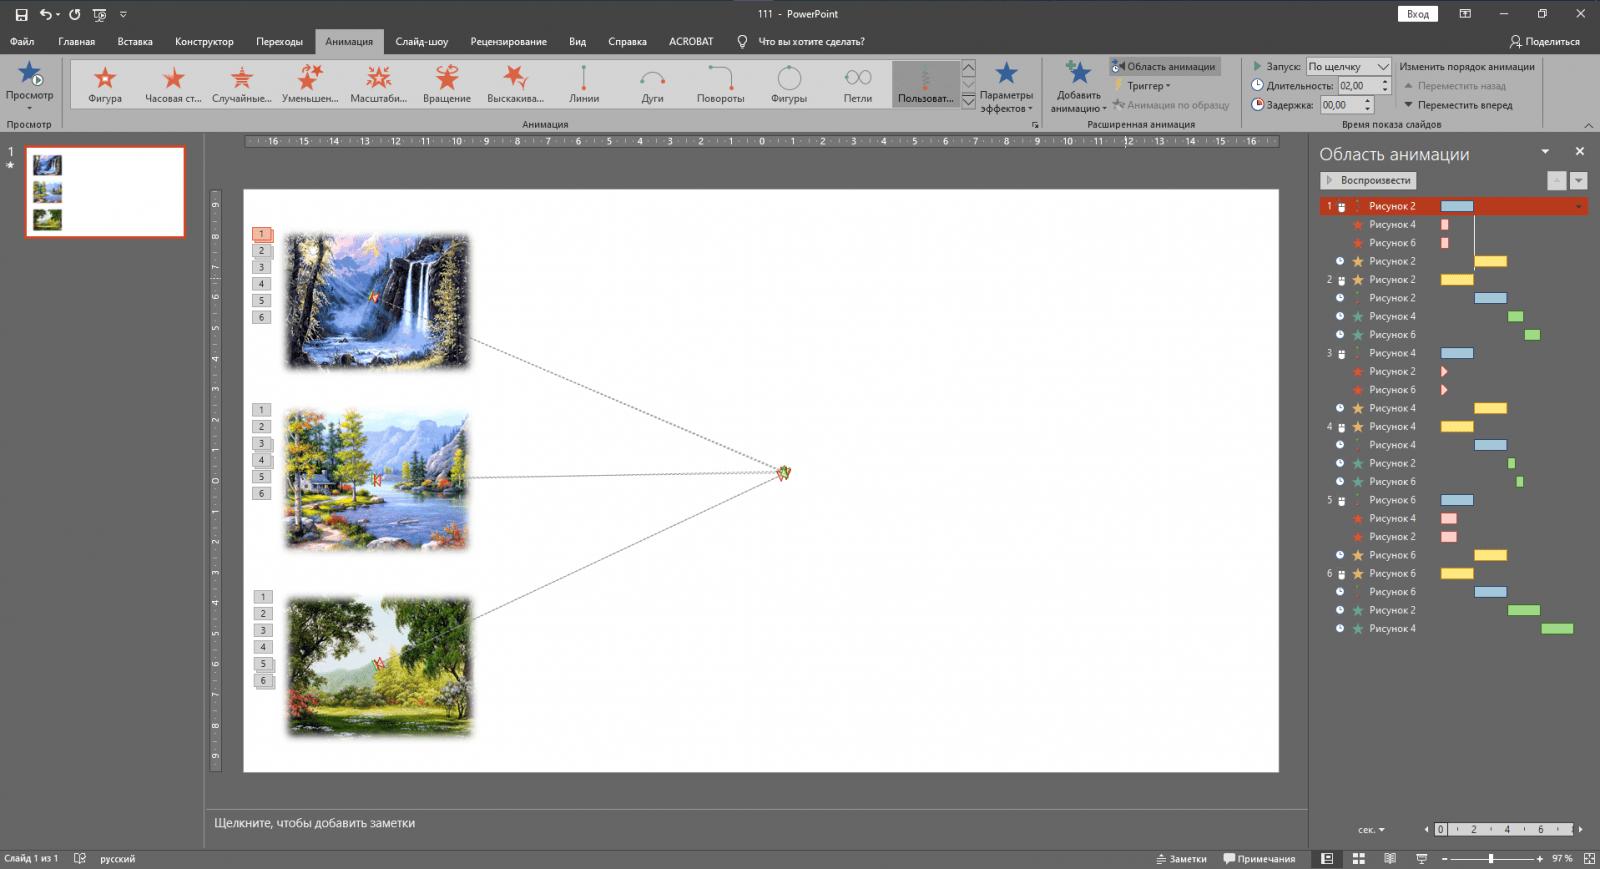 Создание картинной галереи в PowerPoint